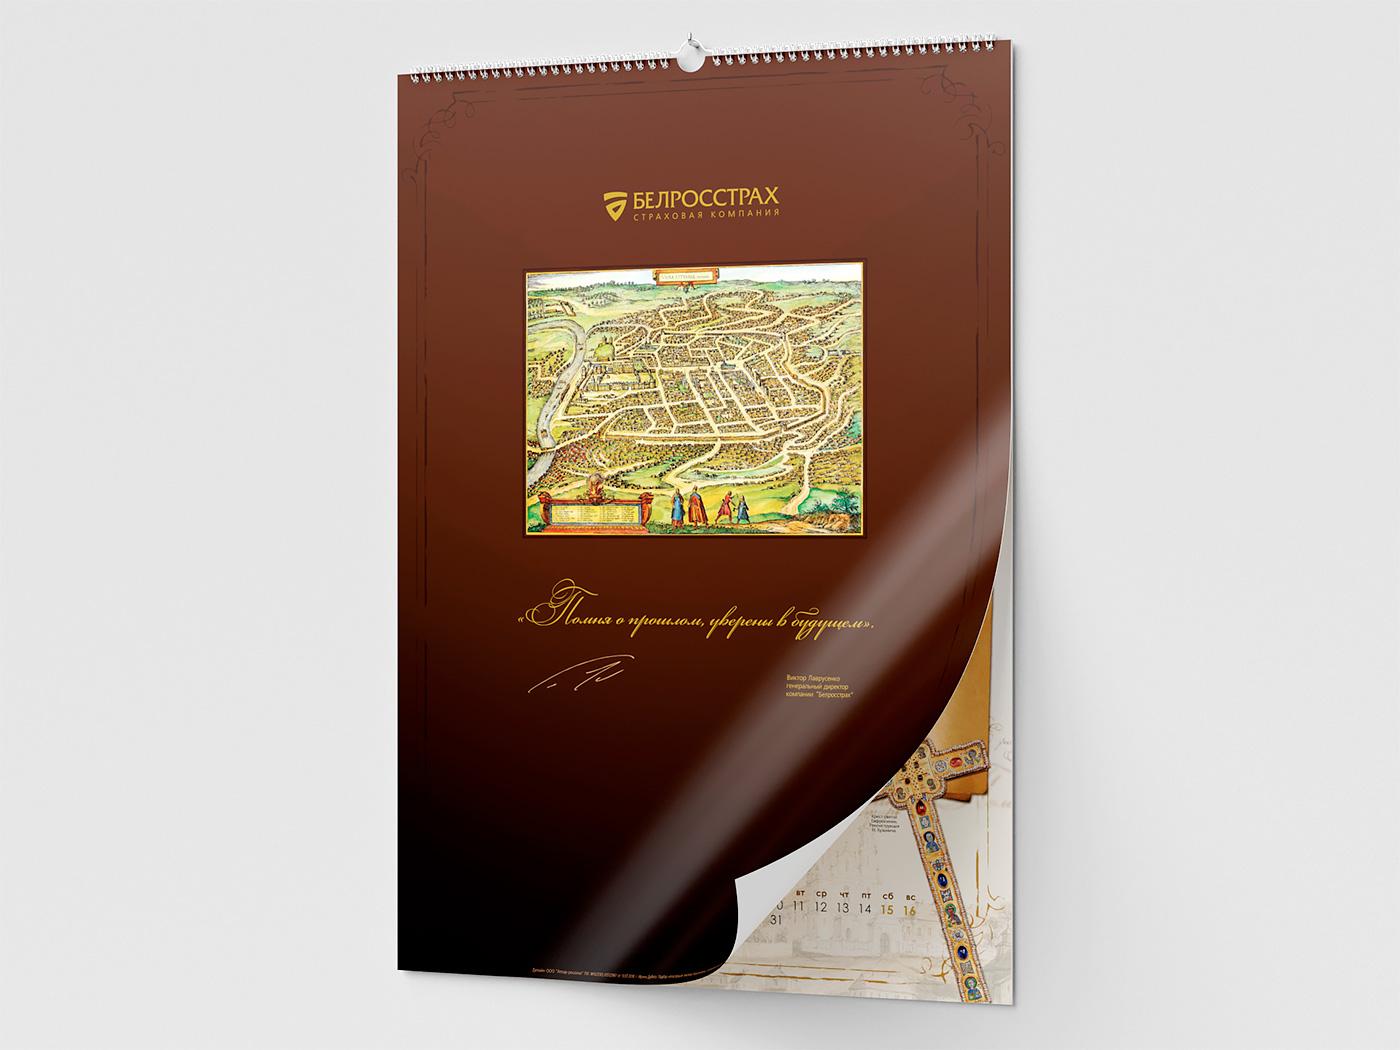 Белросстрах - календарь 2011 «Помня о прошлом, уверены в будущем»